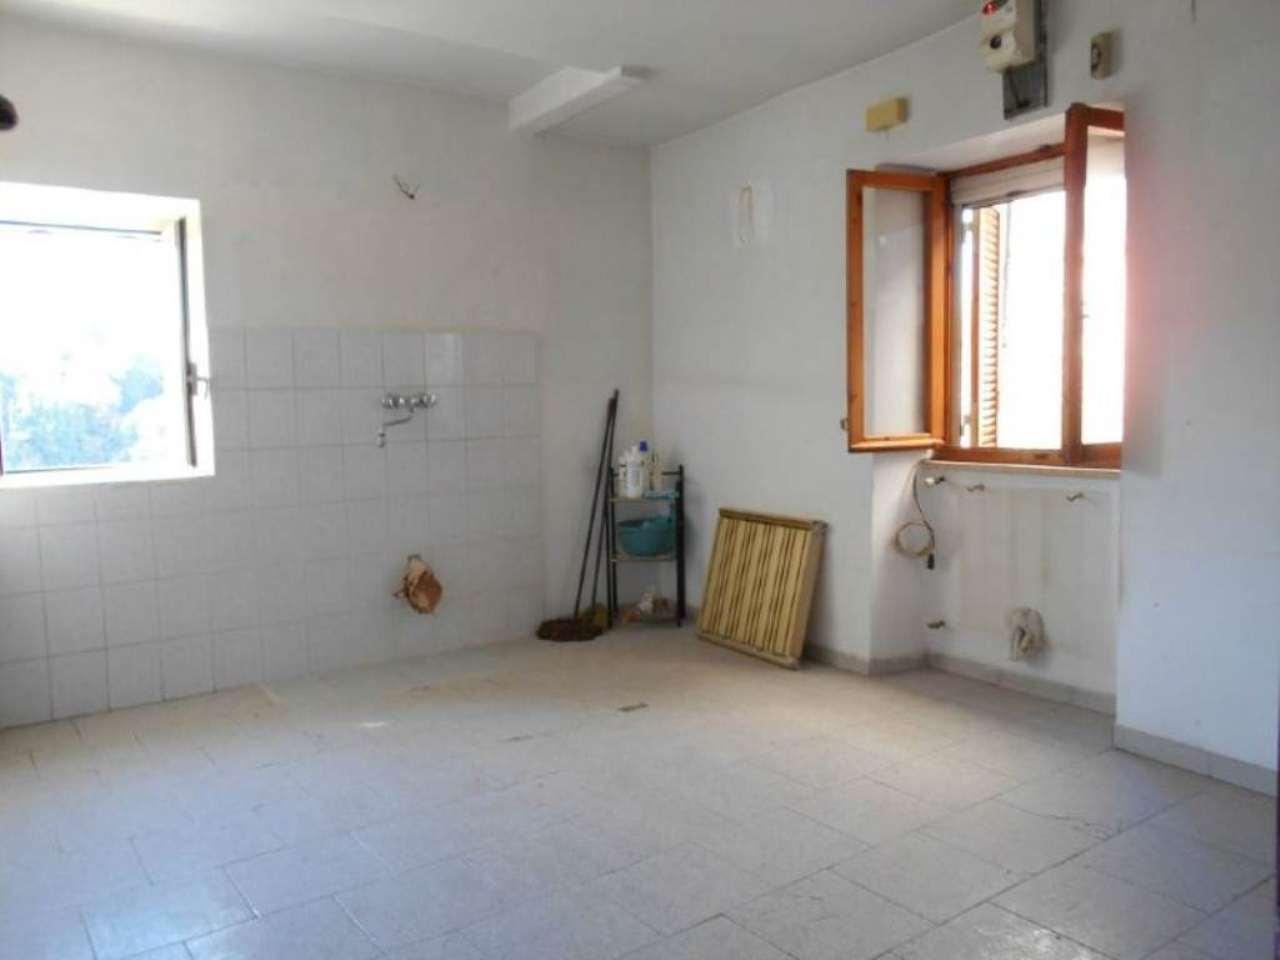 Appartamento in vendita a Zagarolo, 3 locali, prezzo € 95.000 | Cambio Casa.it